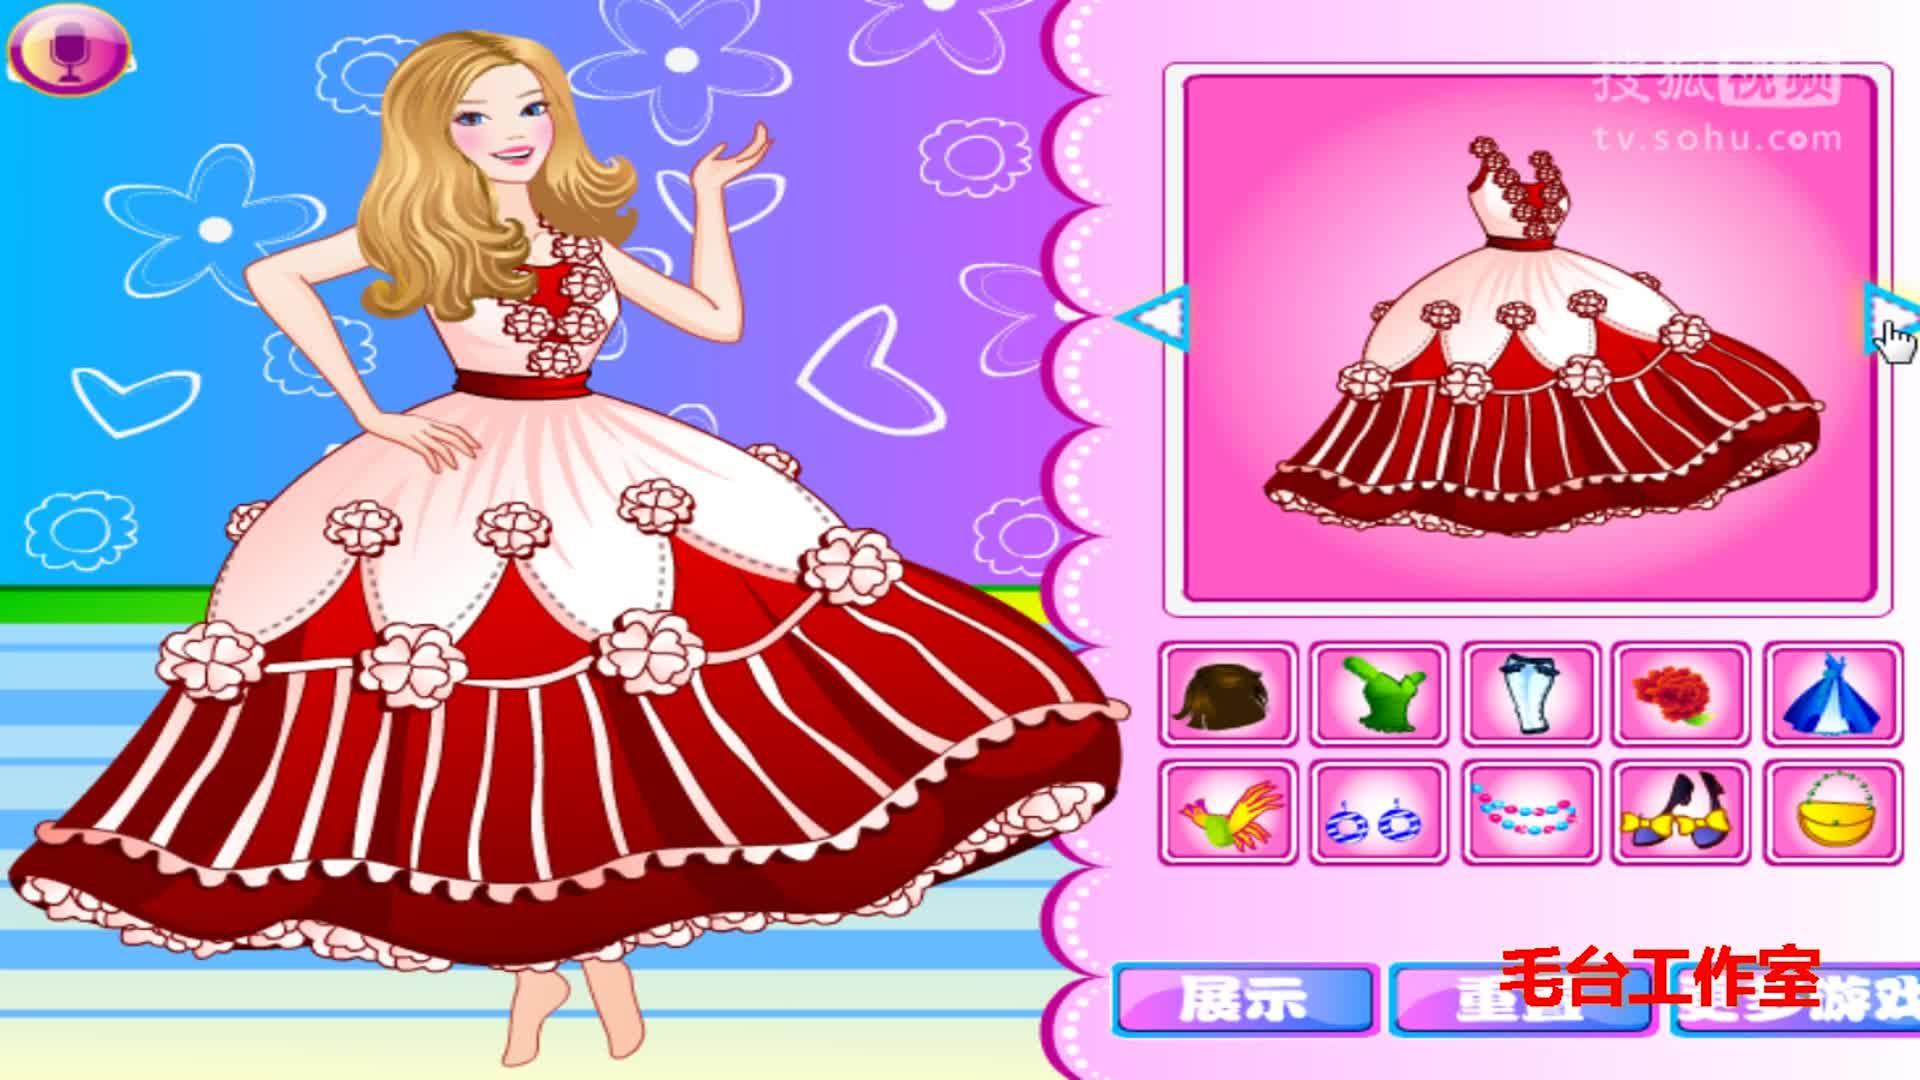 芭比的时尚秀 芭比之钻石城堡 芭比之蝴蝶仙子